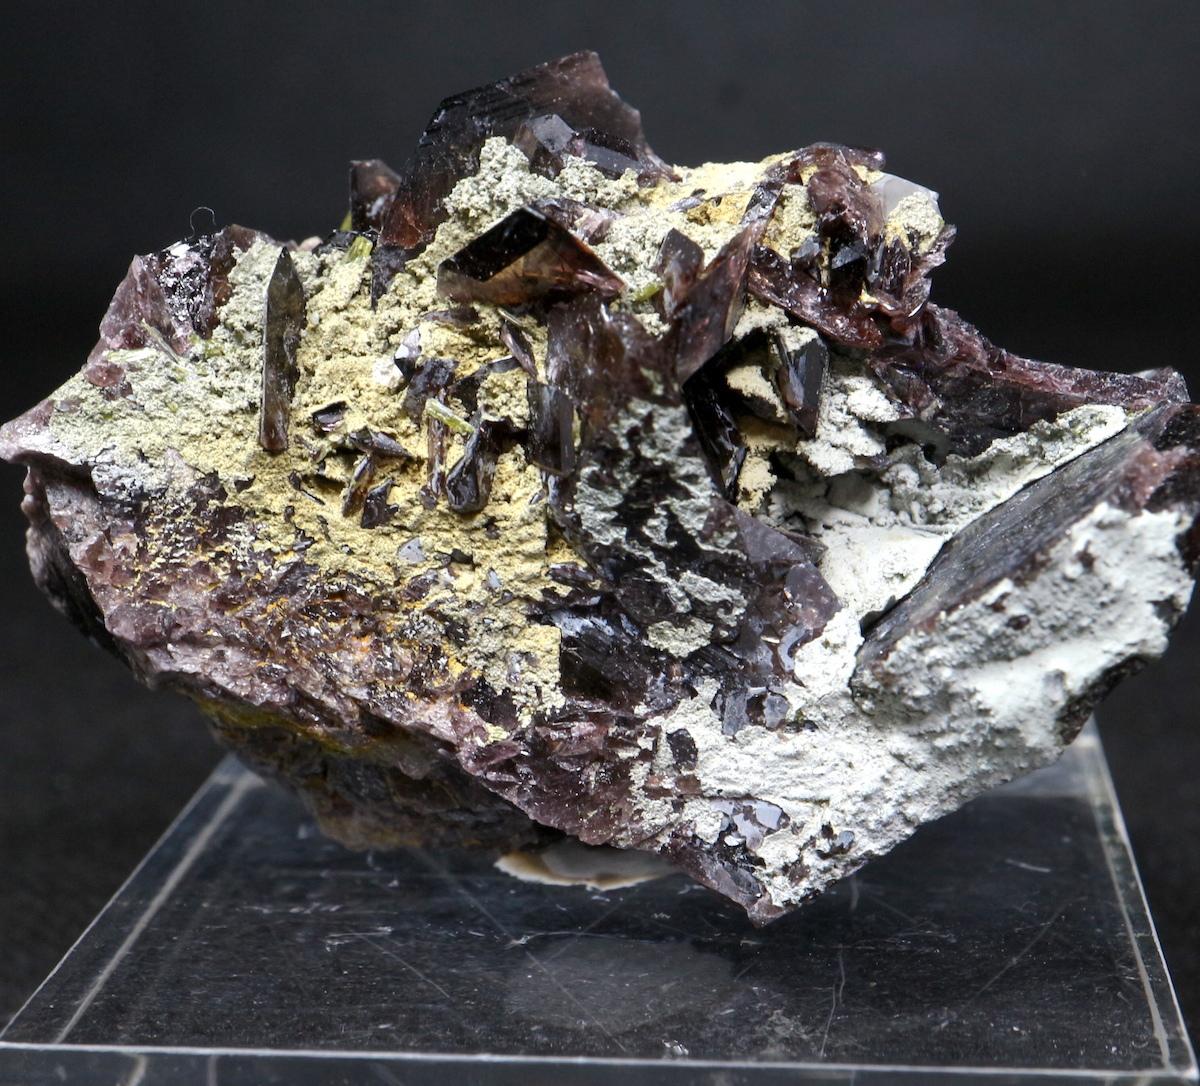 カリフォルニ産 鉄斧石  Fer002  65g 鉱物 原石 天然石 パワーストーン